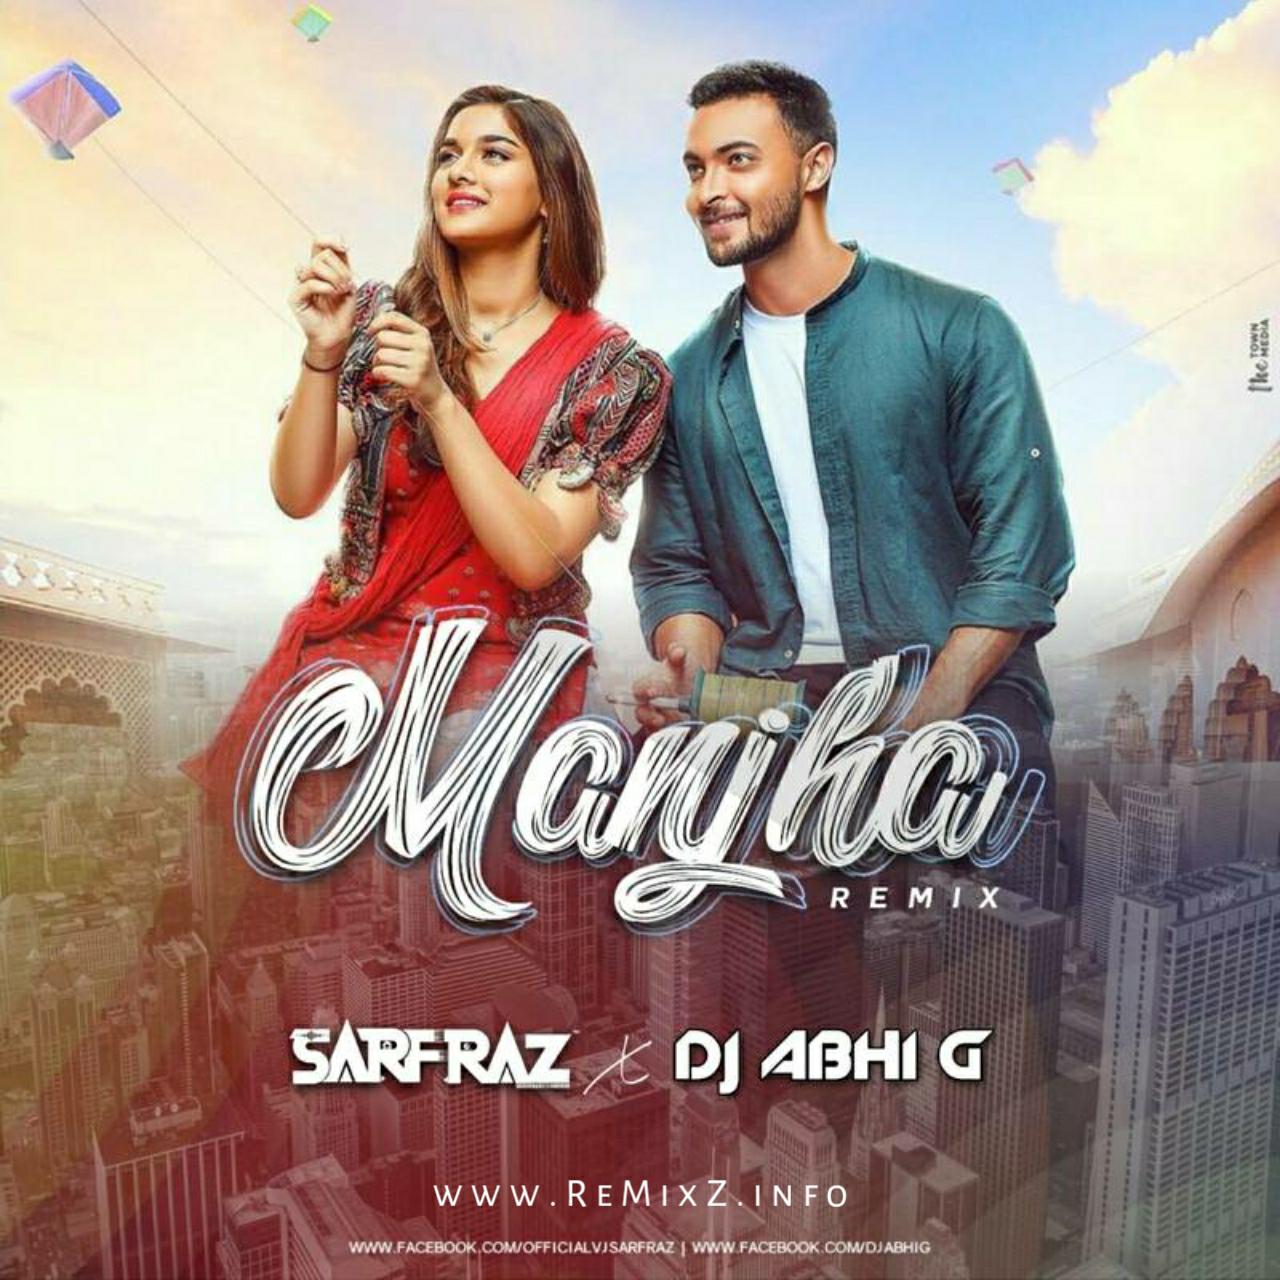 manjha-remix-sarfraz-dj-abhi-g.jpg